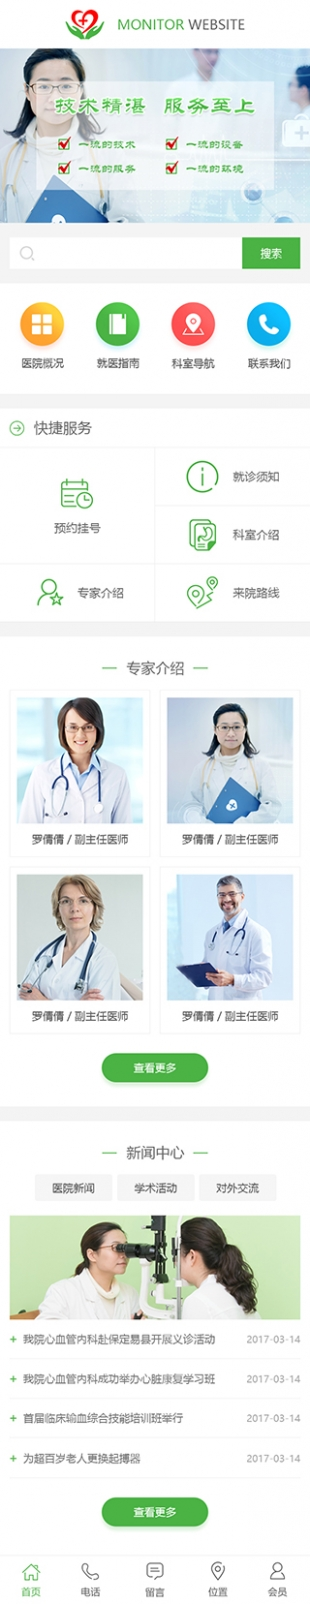 医院类网站通用模板手机图片